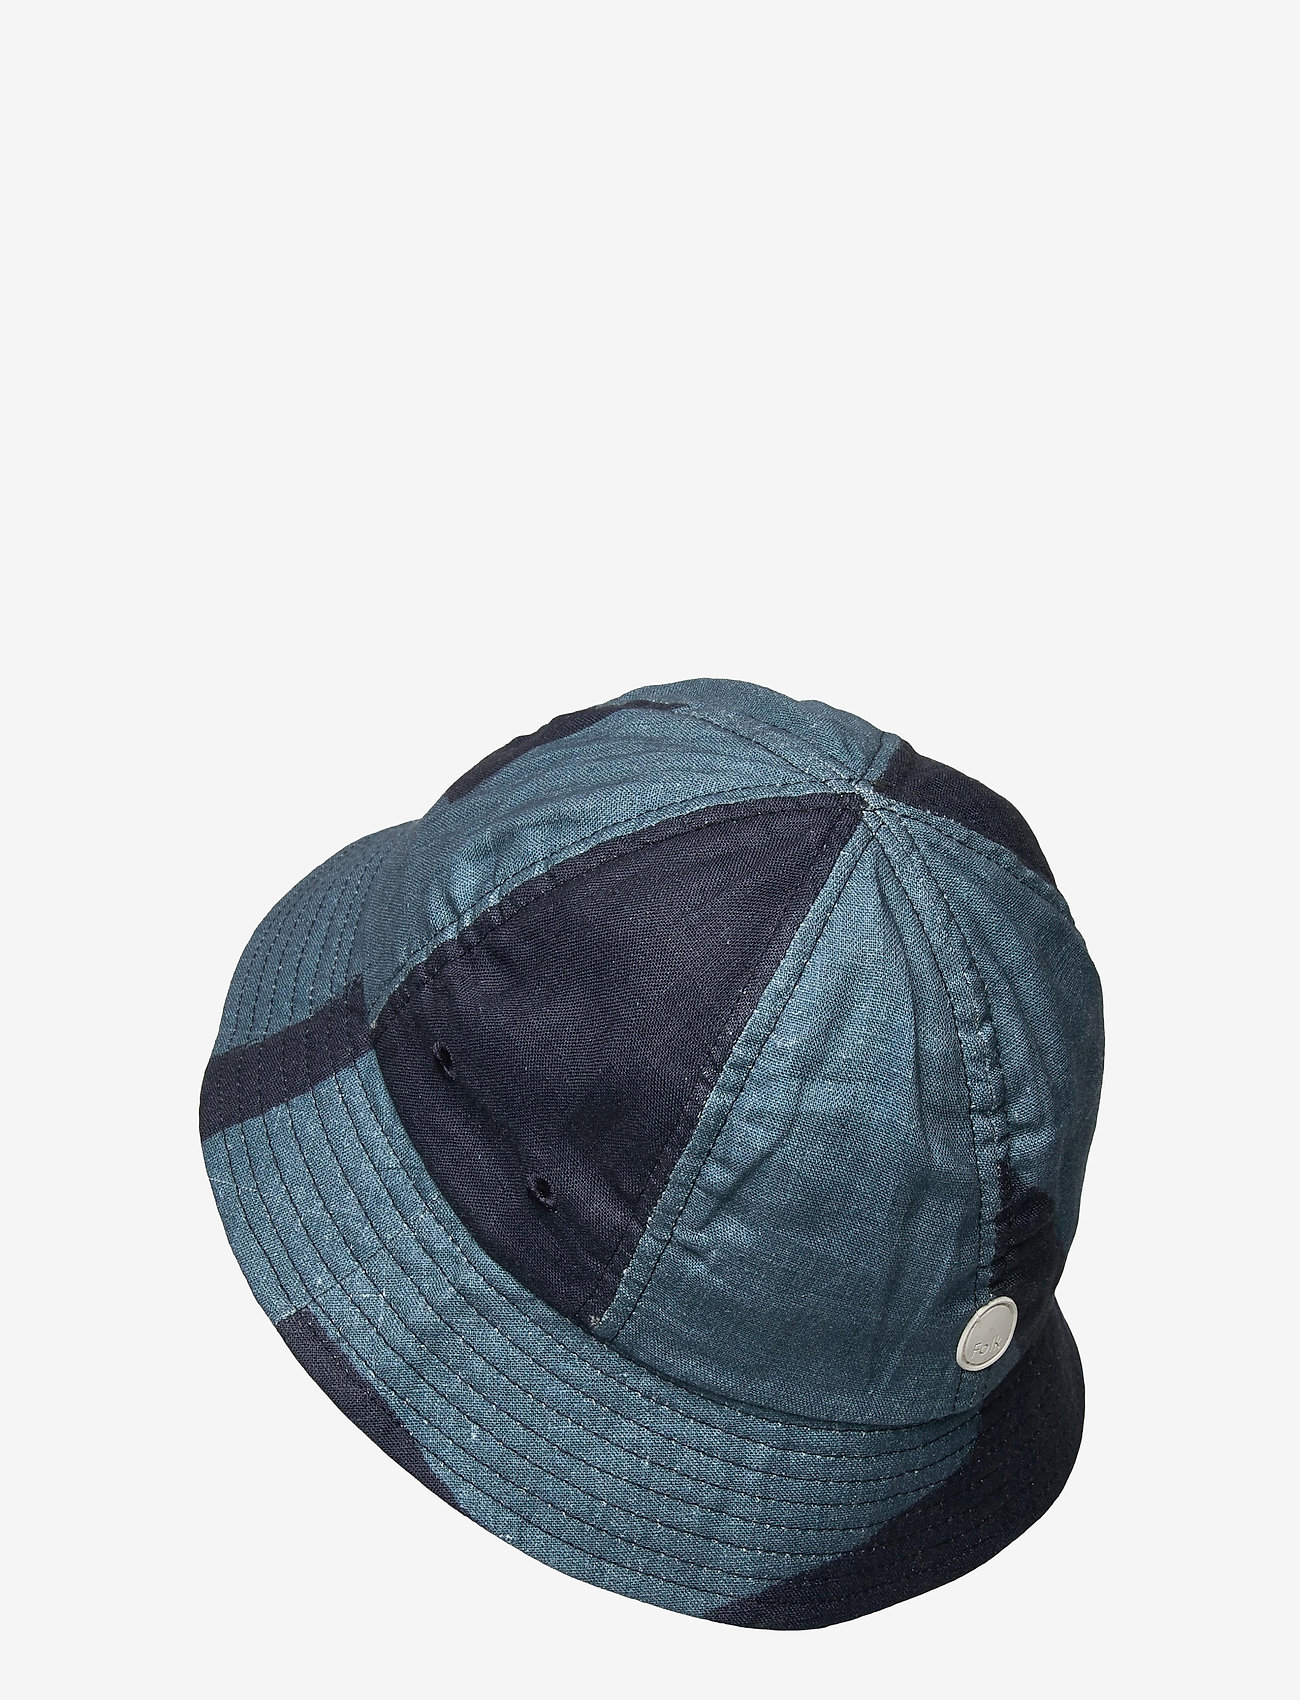 Folk - BUCKET HAT - bonnets & casquettes - border print navy - 1